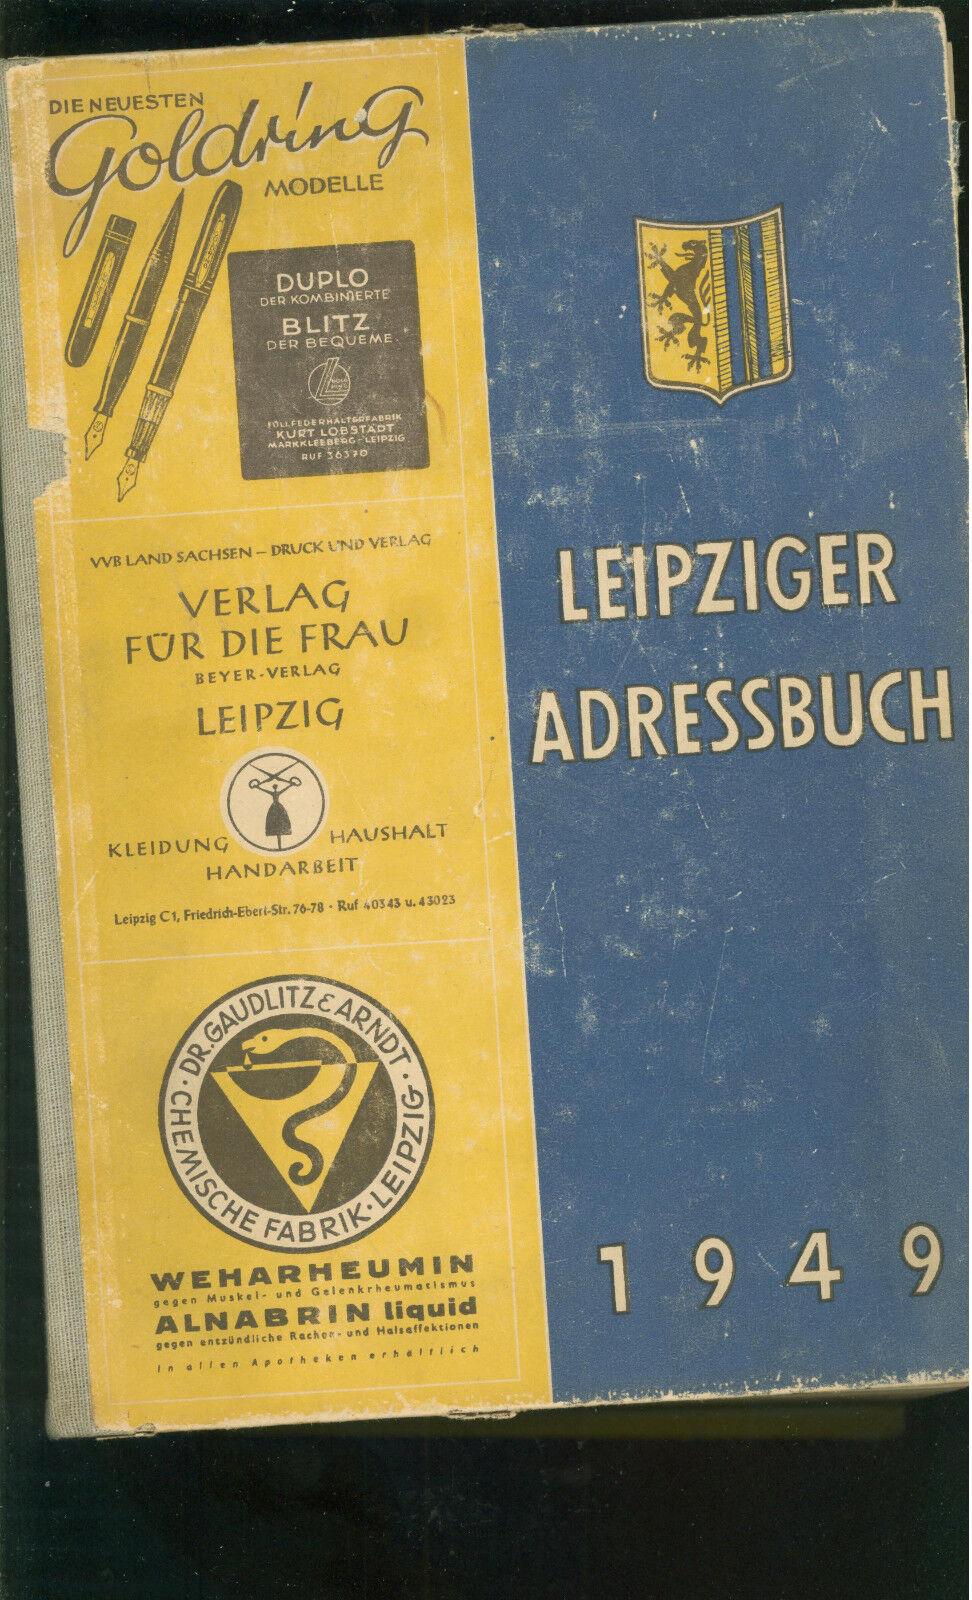 Leipziger Adressbuch 1949